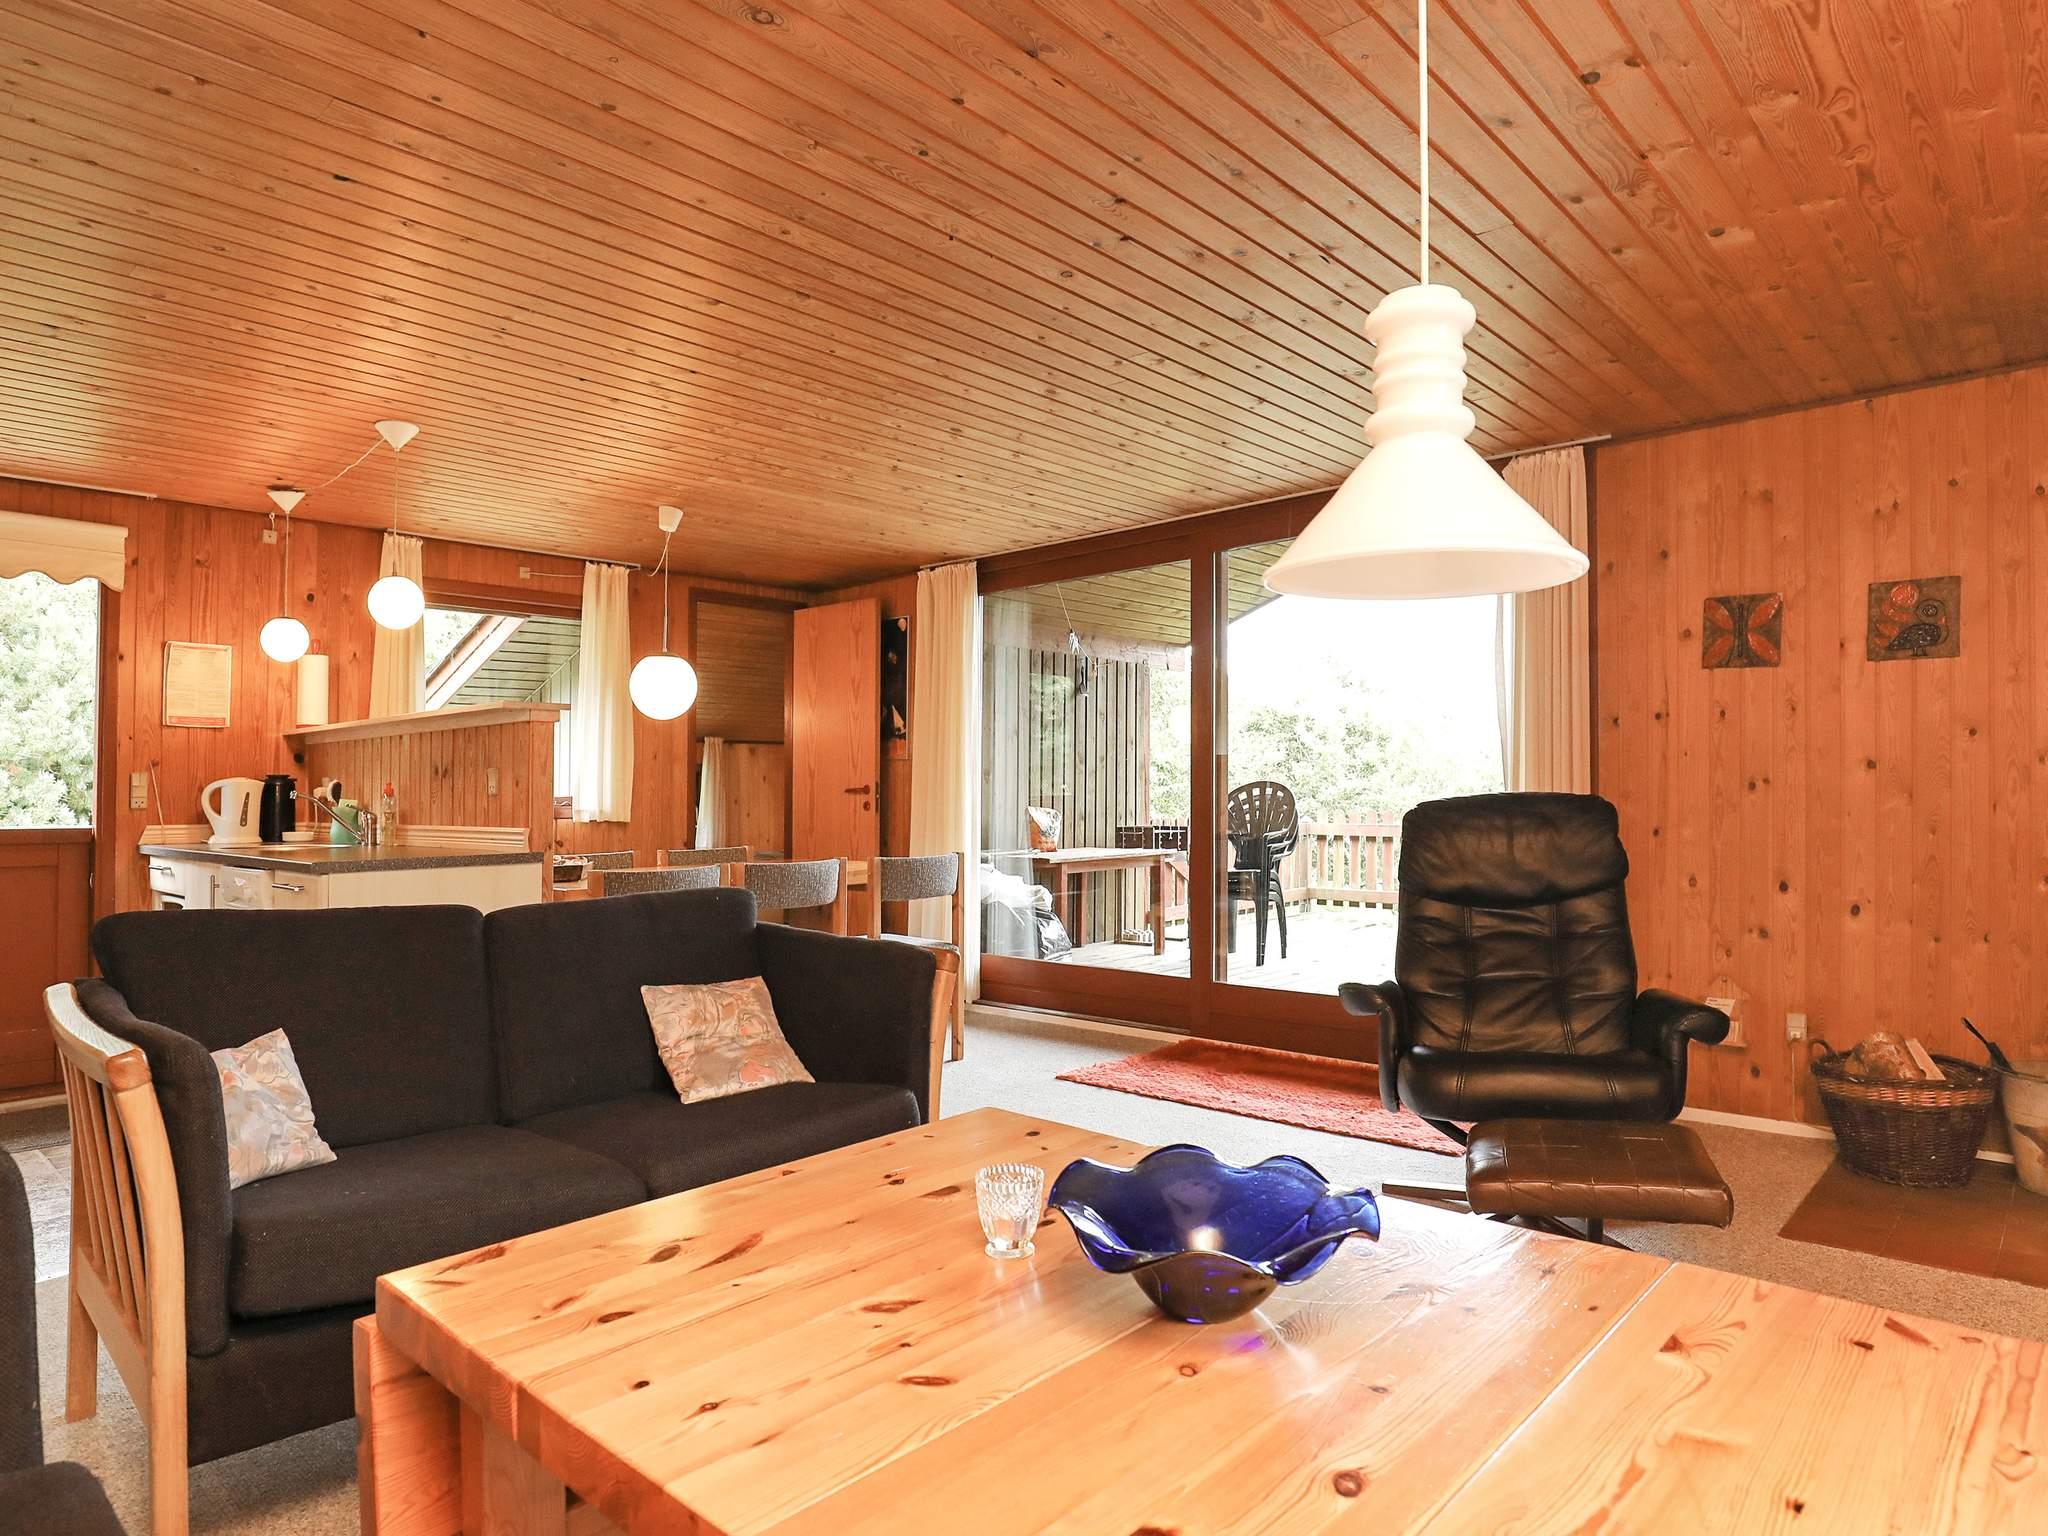 Ferienhaus Toftum Bjerge (82790), Struer, , Limfjord, Dänemark, Bild 3